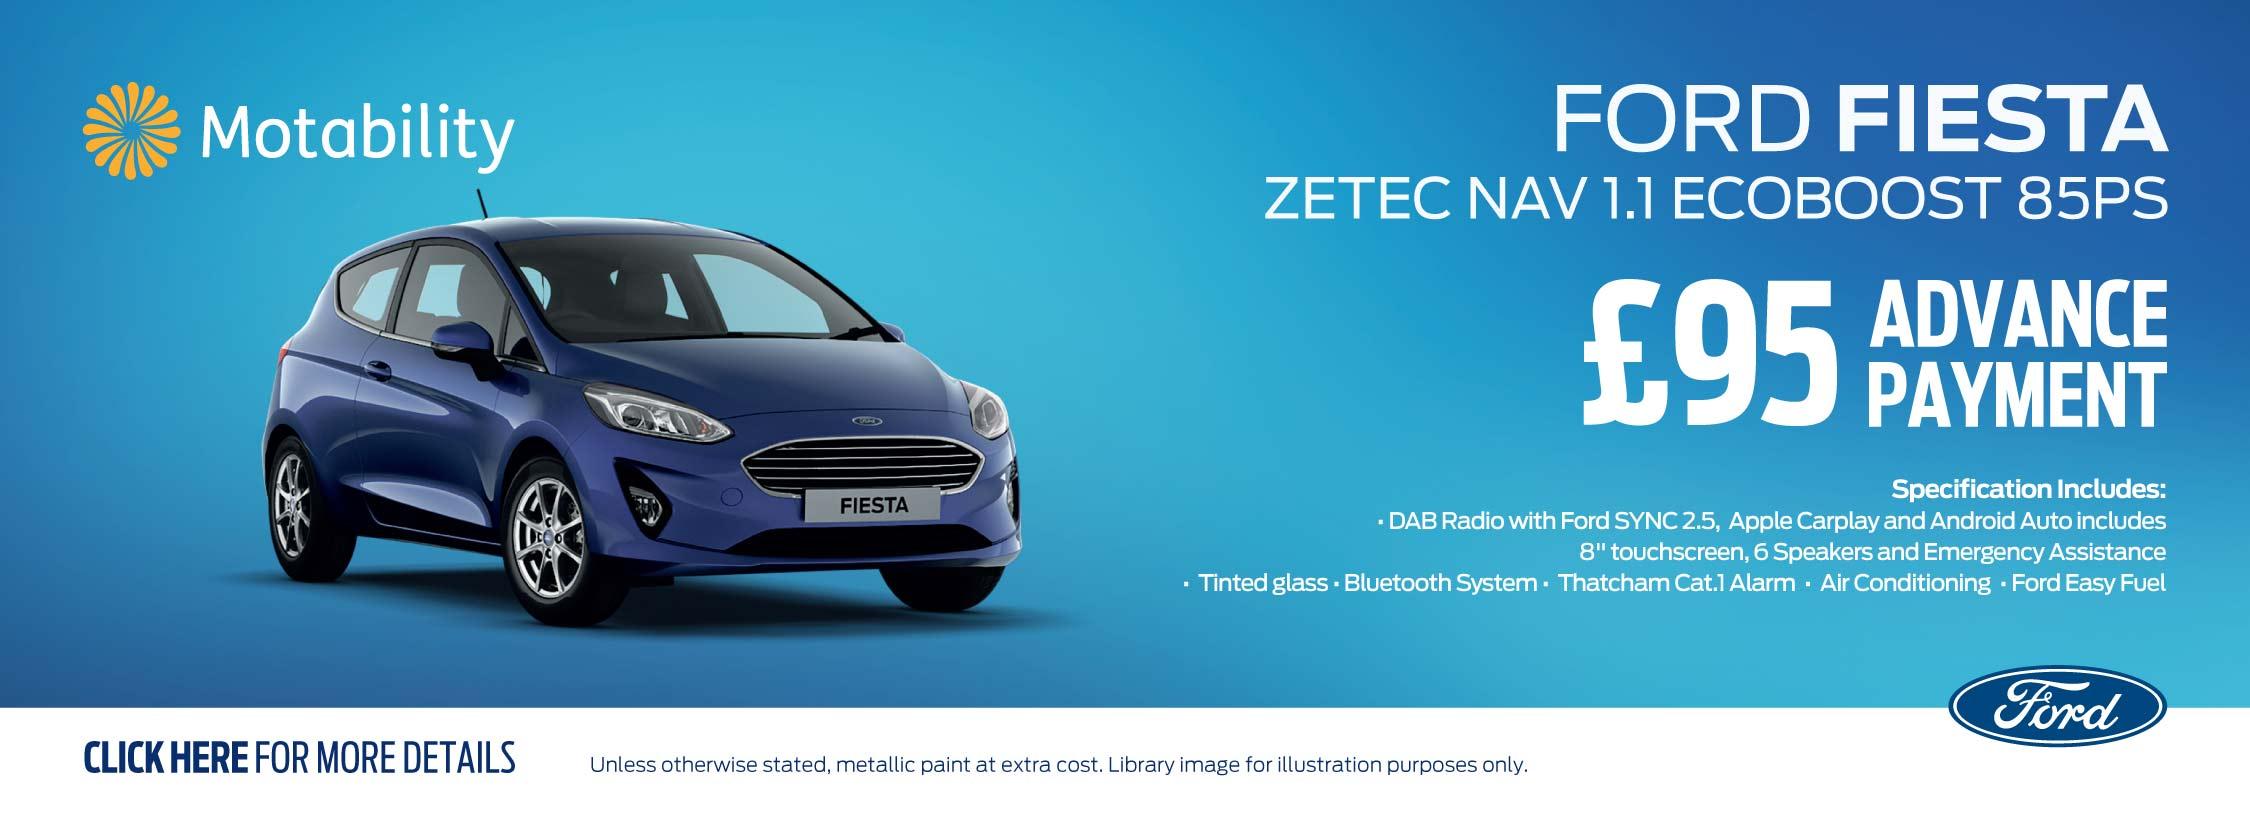 Ford Fiesta Zetec Nav 1.1 Ecoboost 85PS